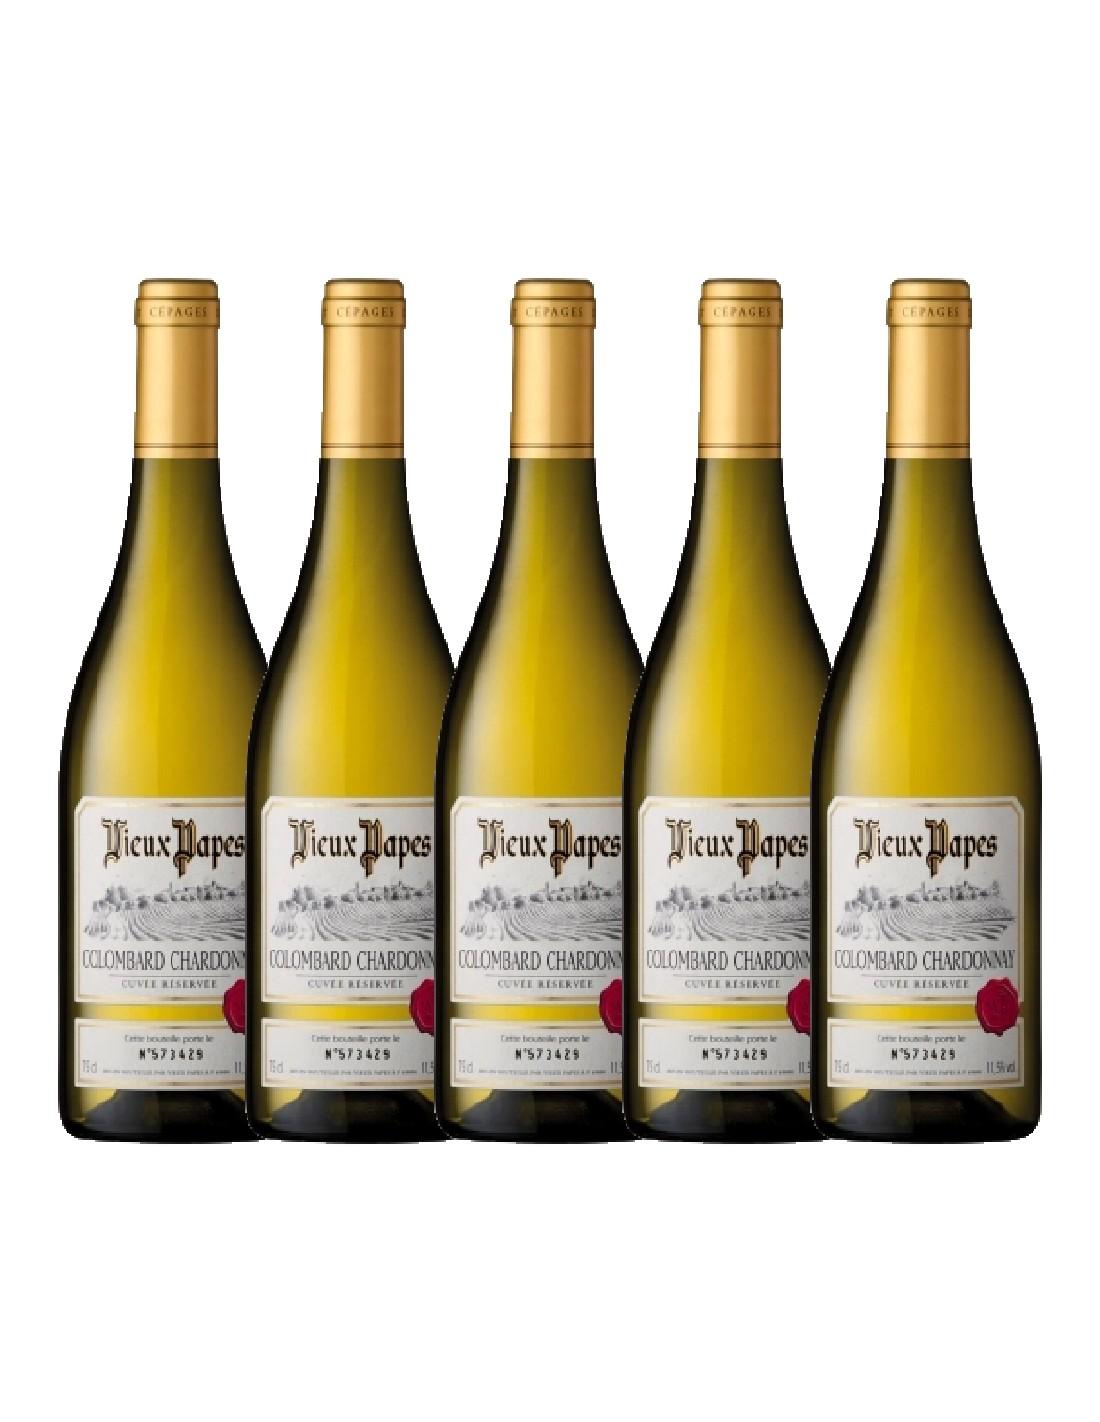 Pachet 5 sticle Vin alb, Chardonnay - Colombard, Vieux Papes, 0.75L, 12% alc., Franta